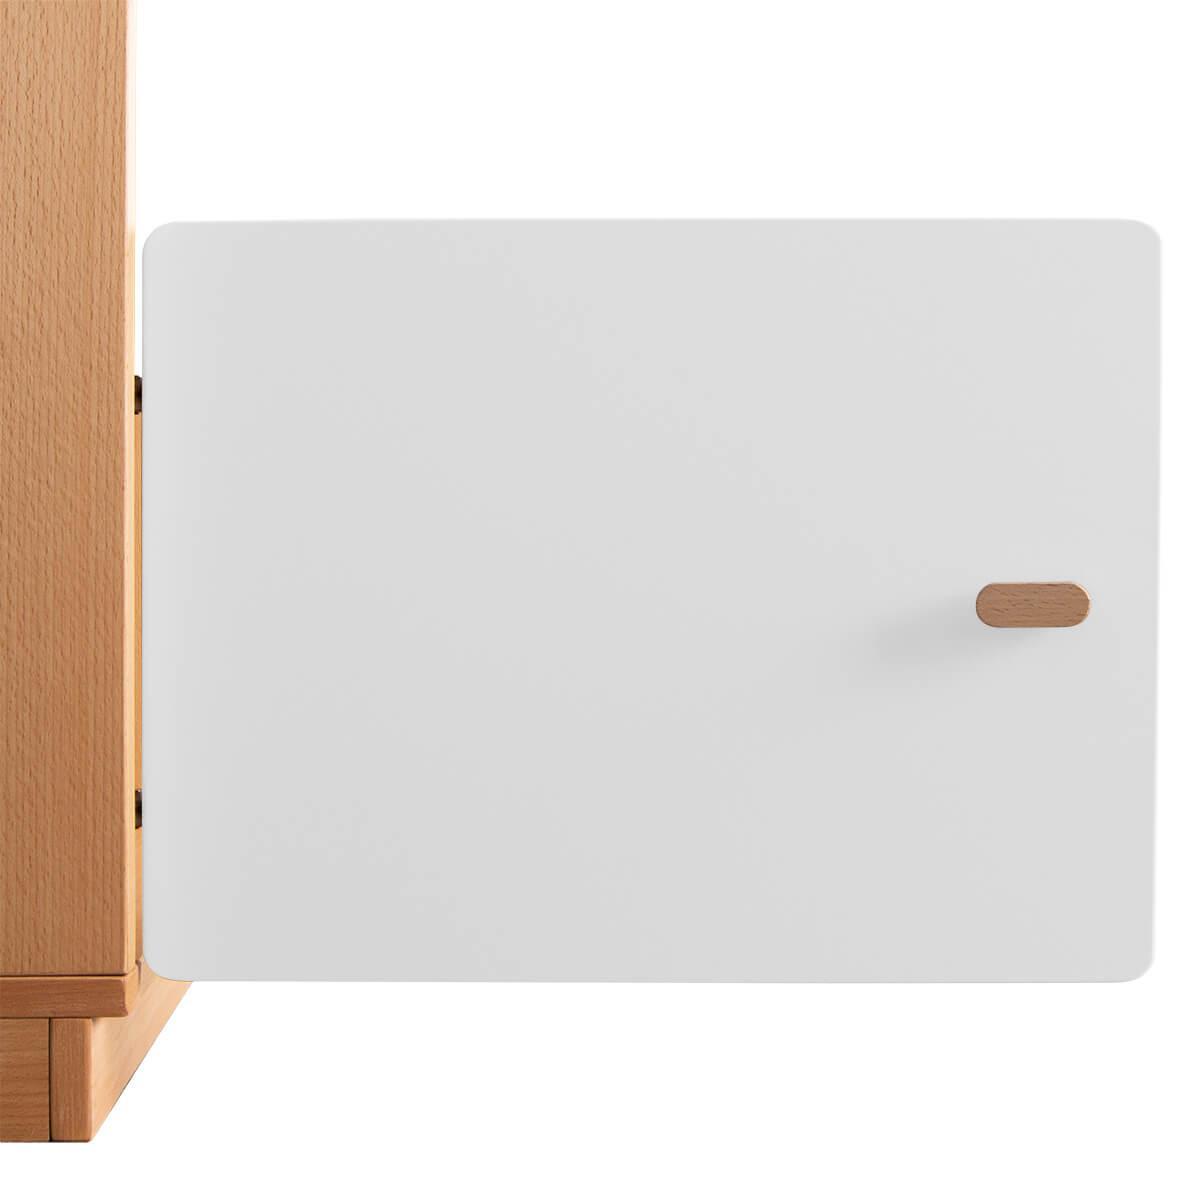 Schranktür 1/5 35cm-Griff DESTYLE de Breuyn MDF weiß-lackiert